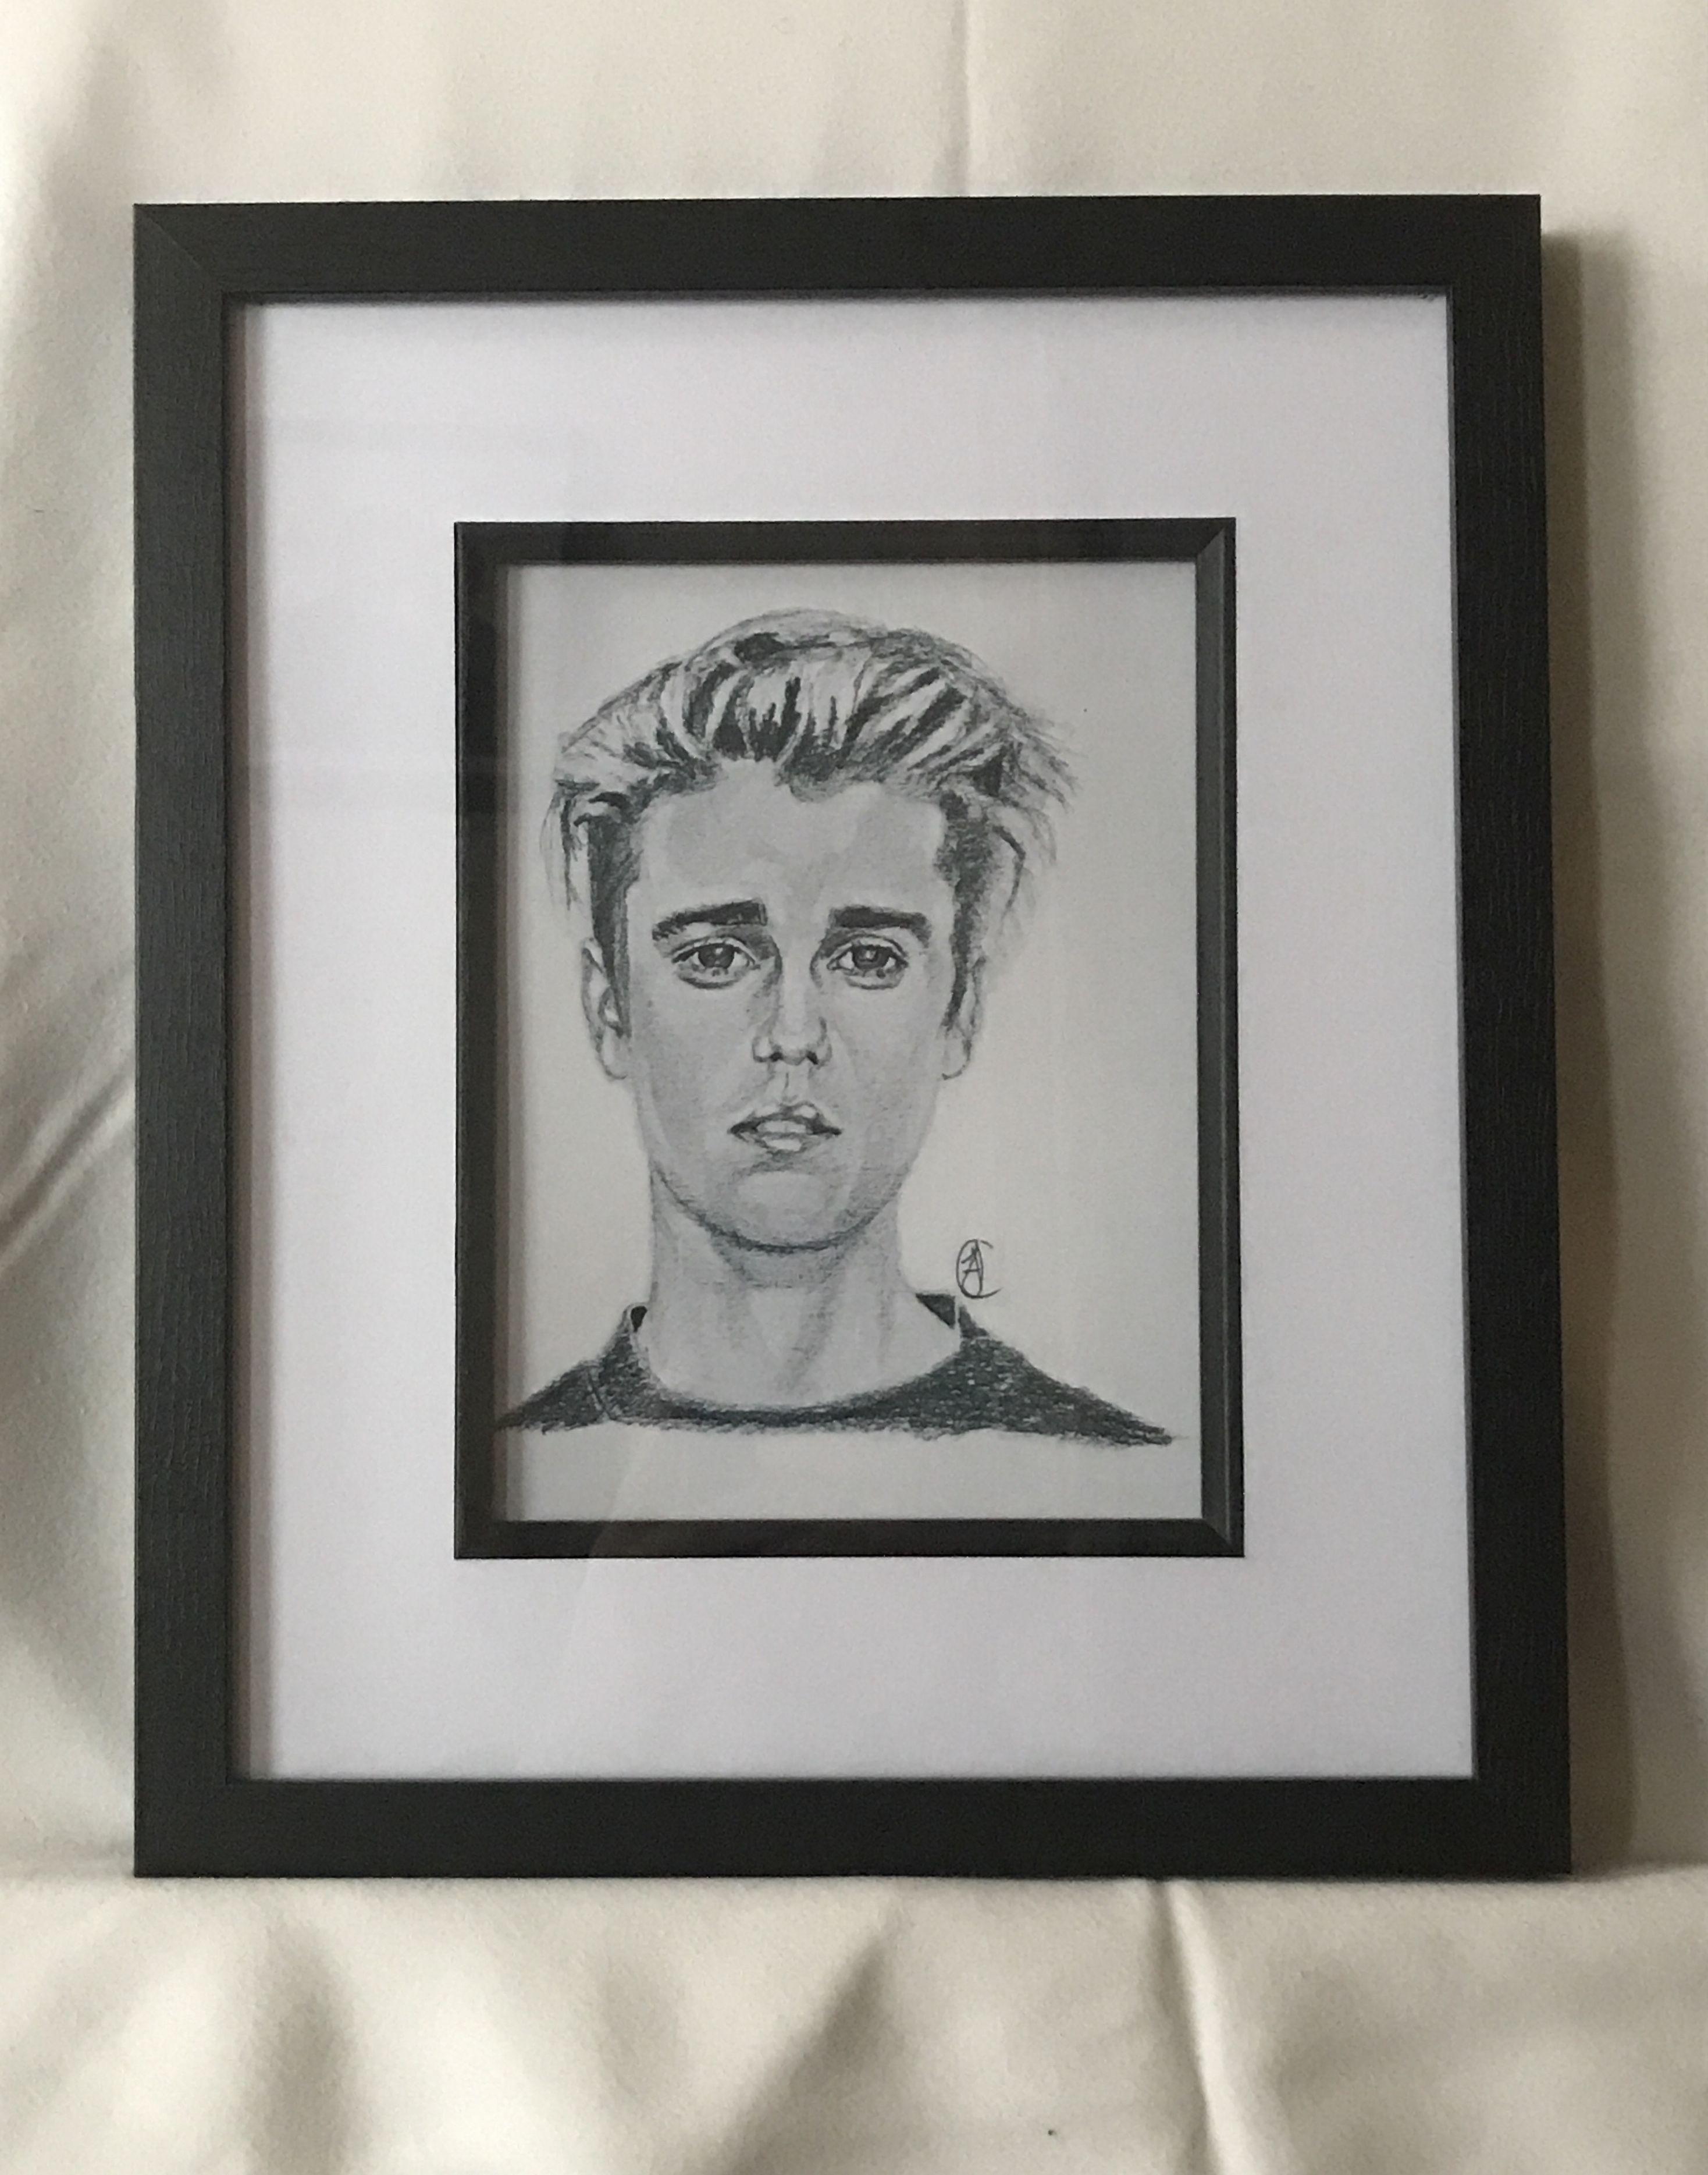 Justin bieber print framed